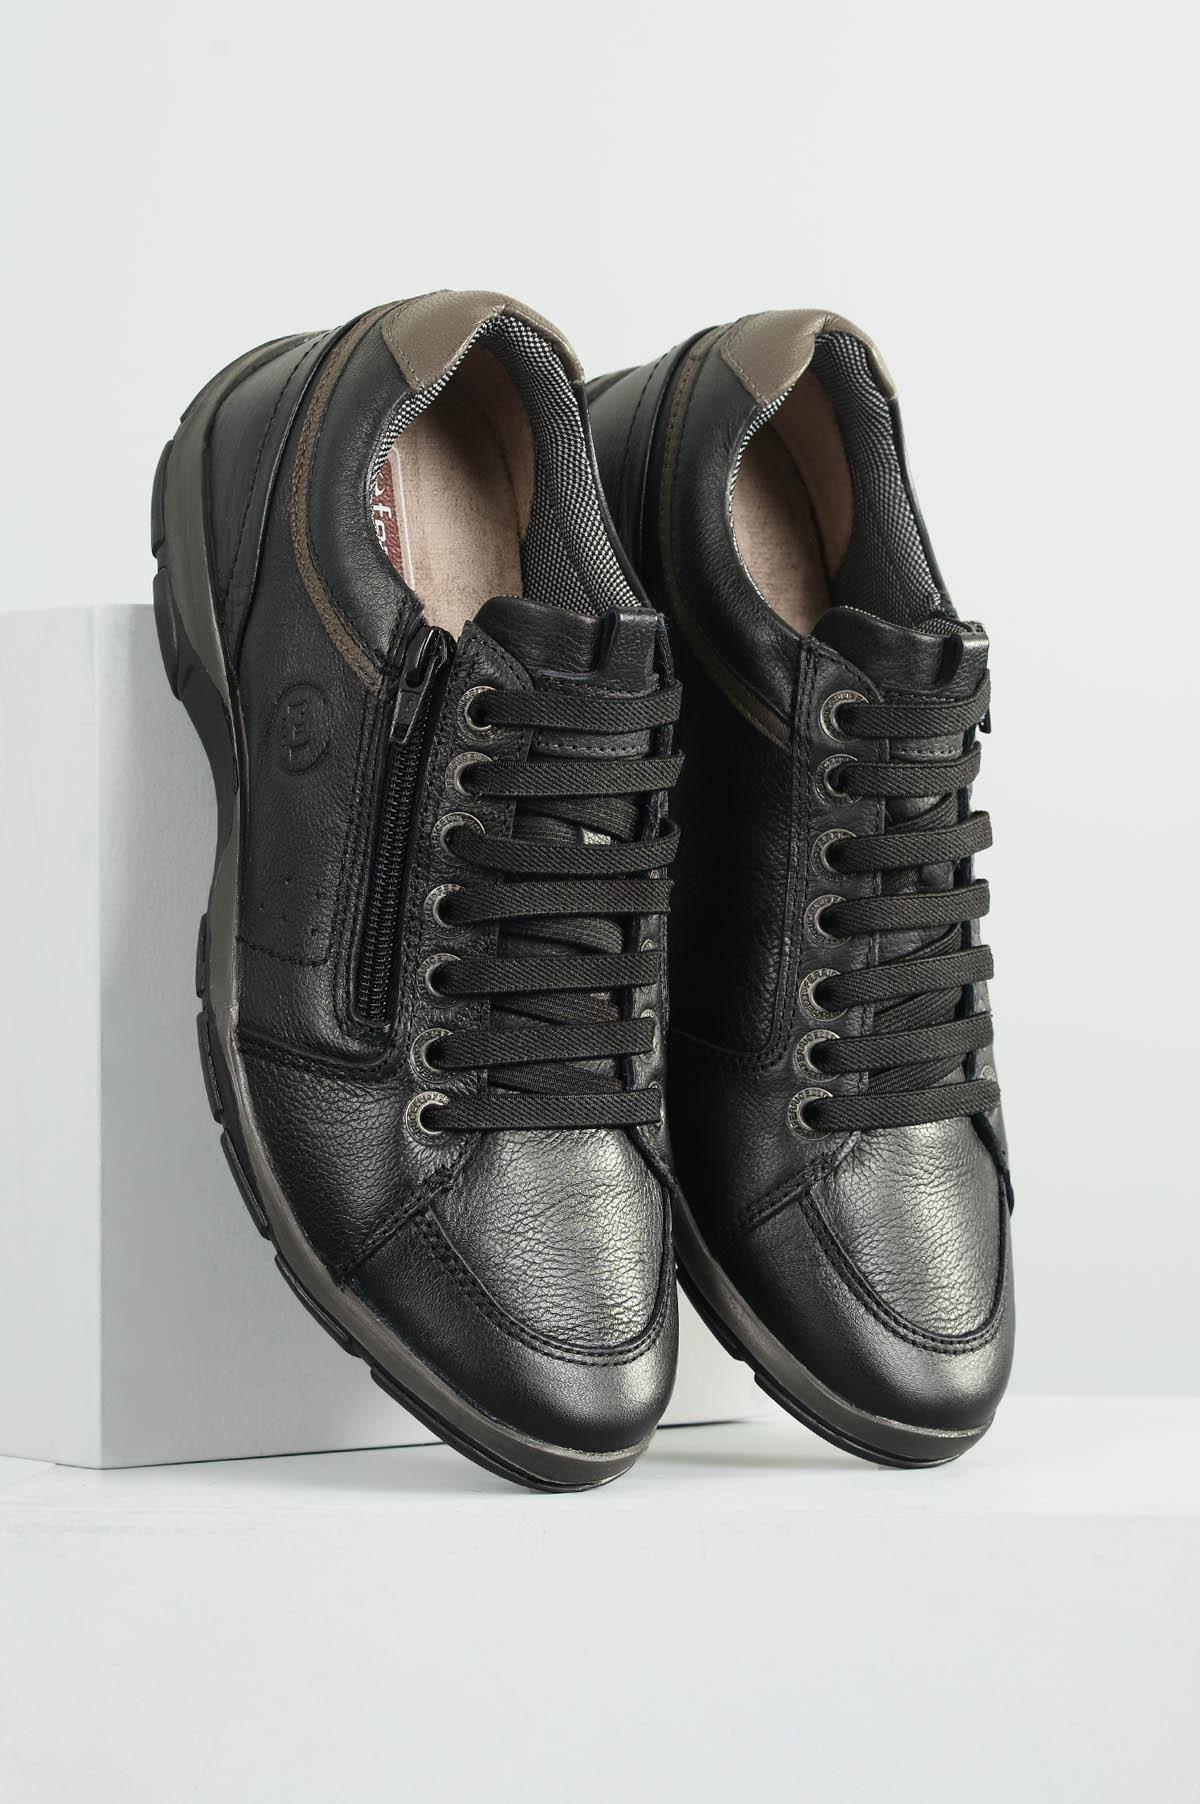 2a7d6633910d4 Sapatênis Masculino Ferricelli Leonardo CR-PRETO - Mundial Calçados